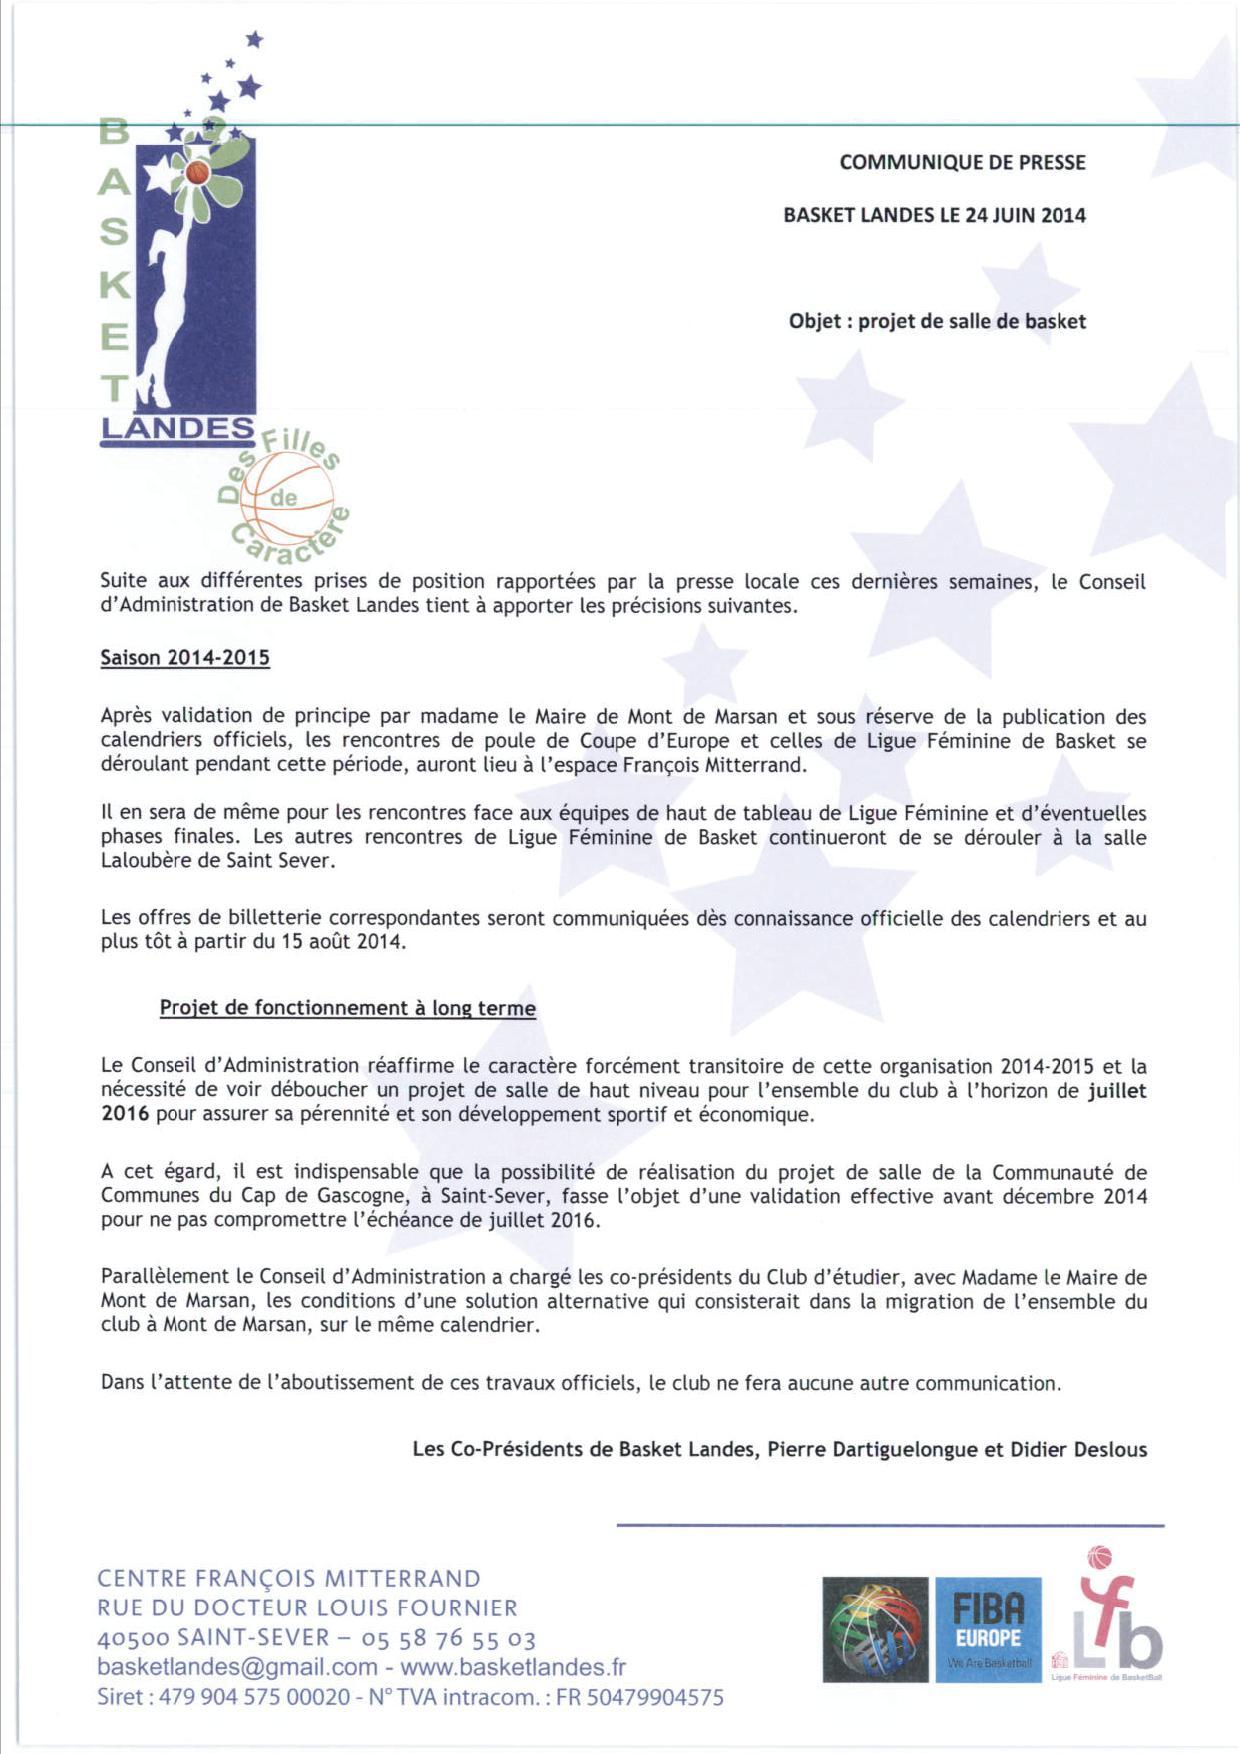 Communiqué Basket Landes_20140624_171121